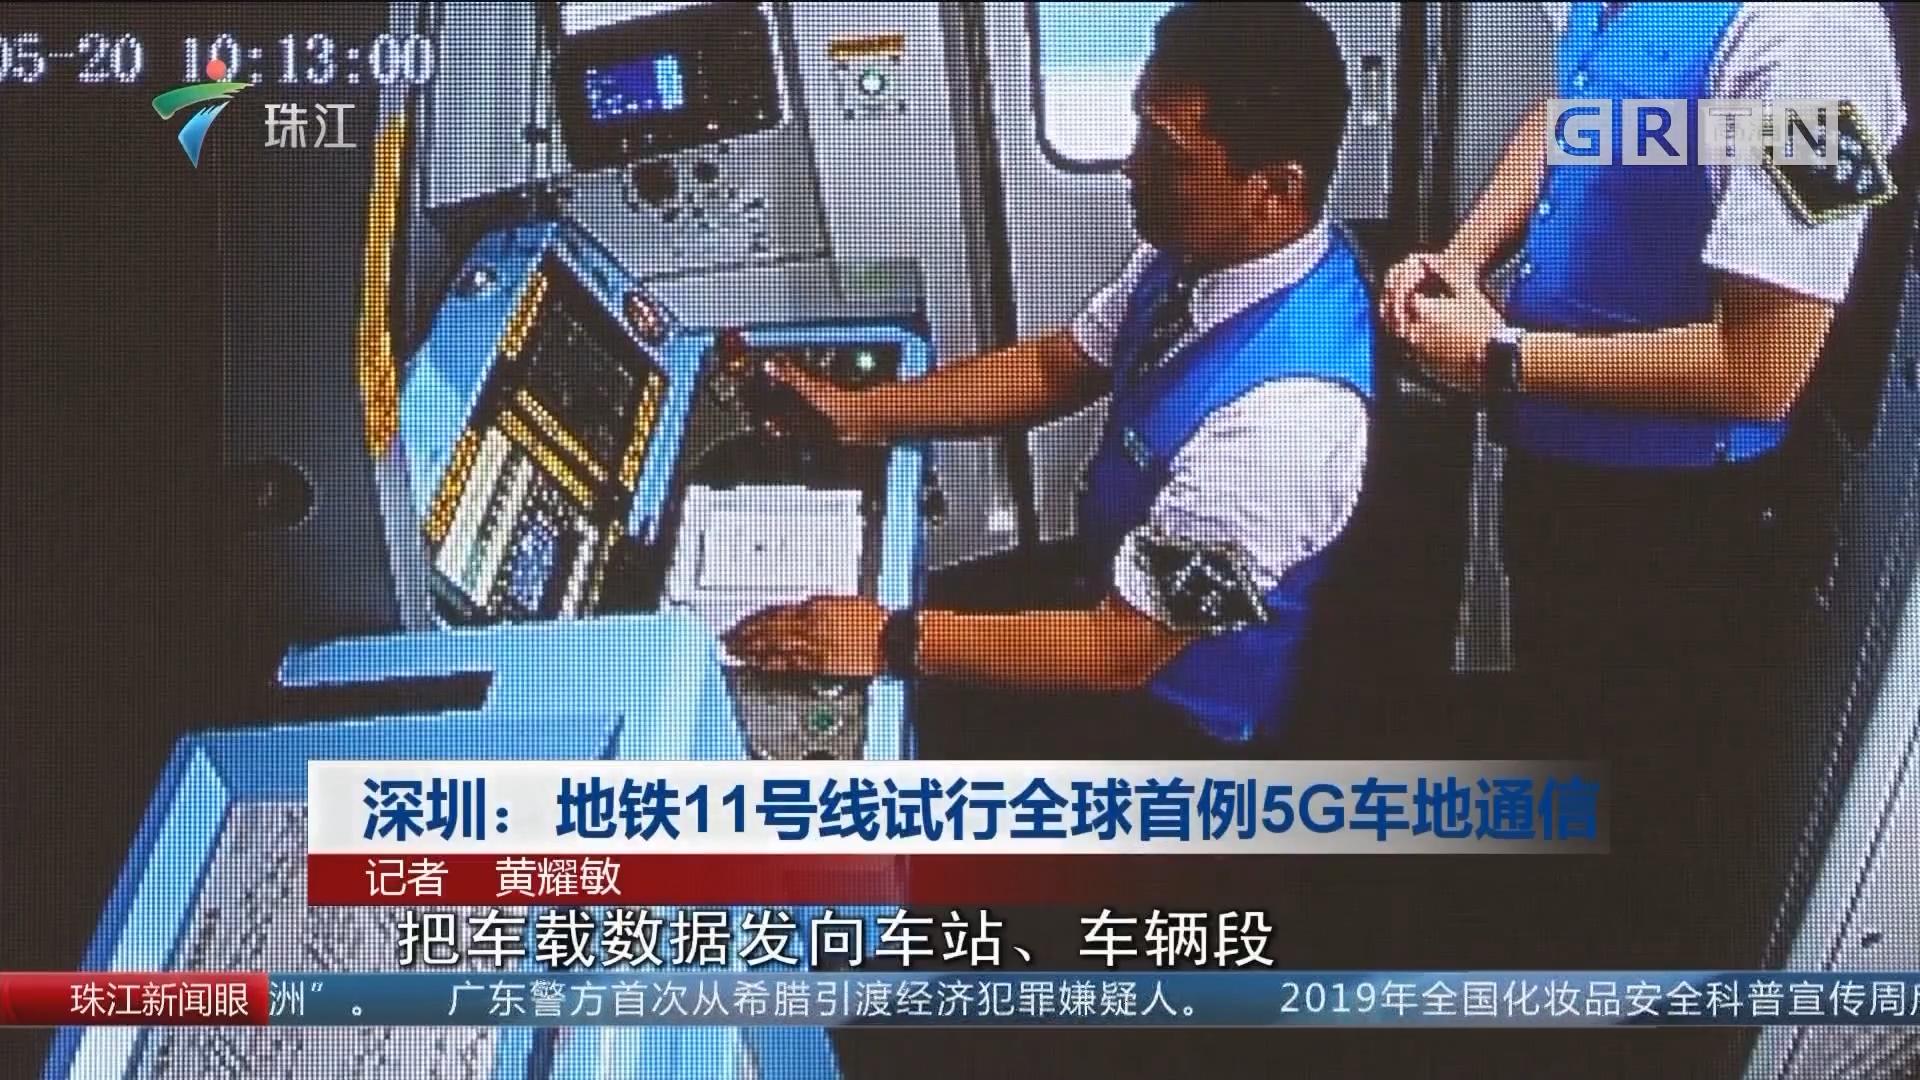 深圳:地鐵11號線試行全球首例5G車地通信